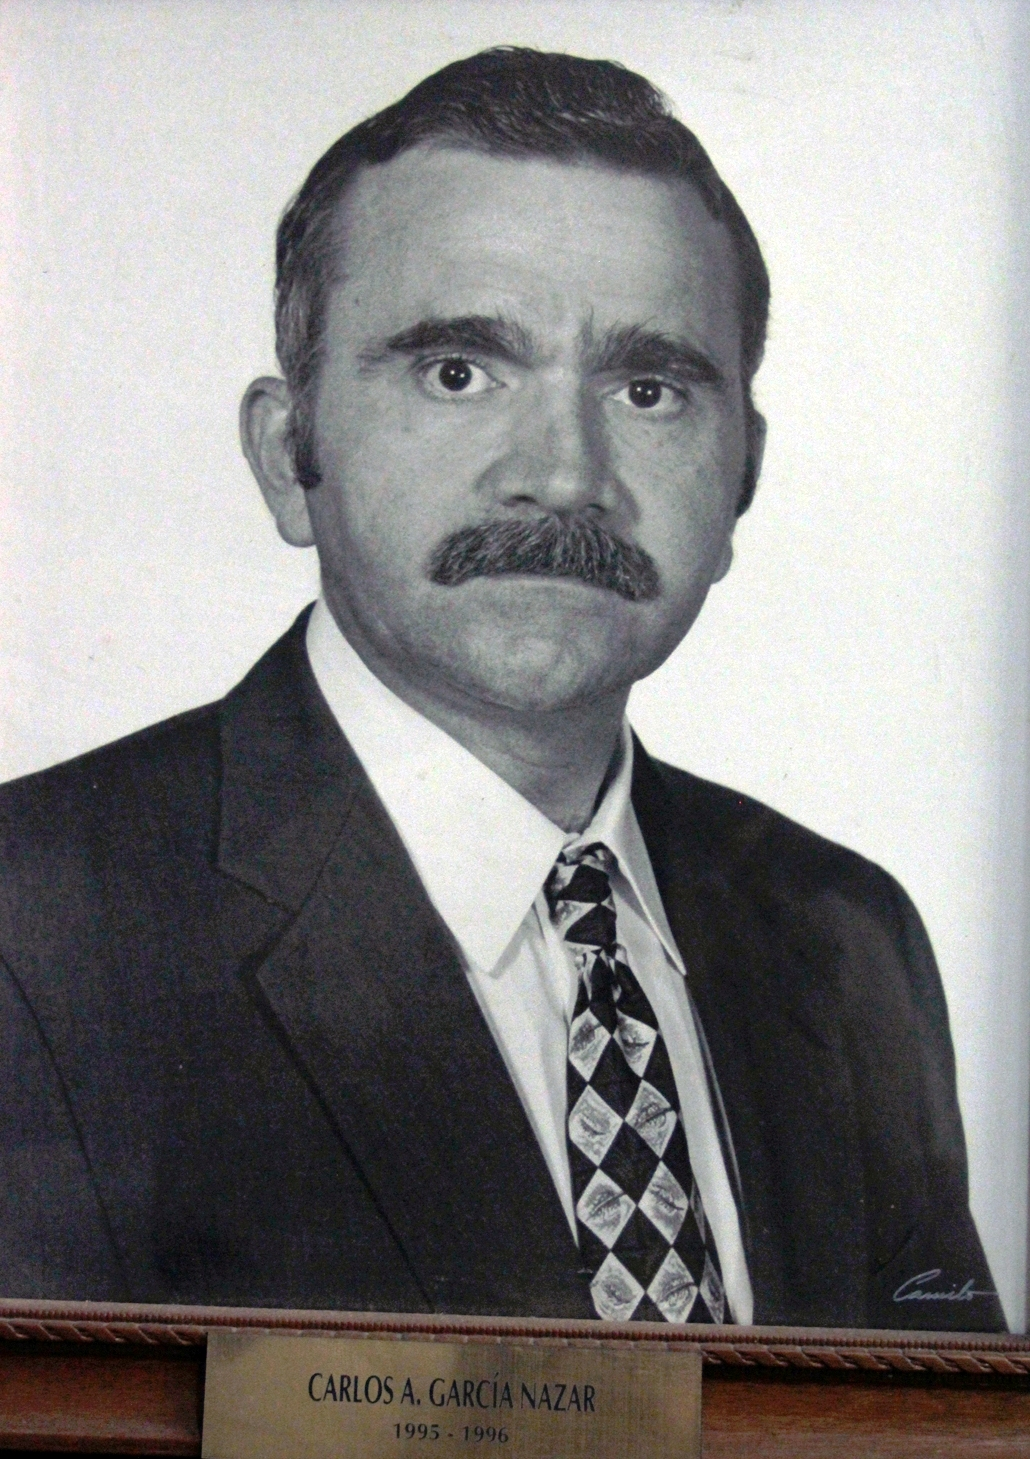 EMPRESARIO DISTINGUIDO. CARLOS A. GARCIA NAZAR